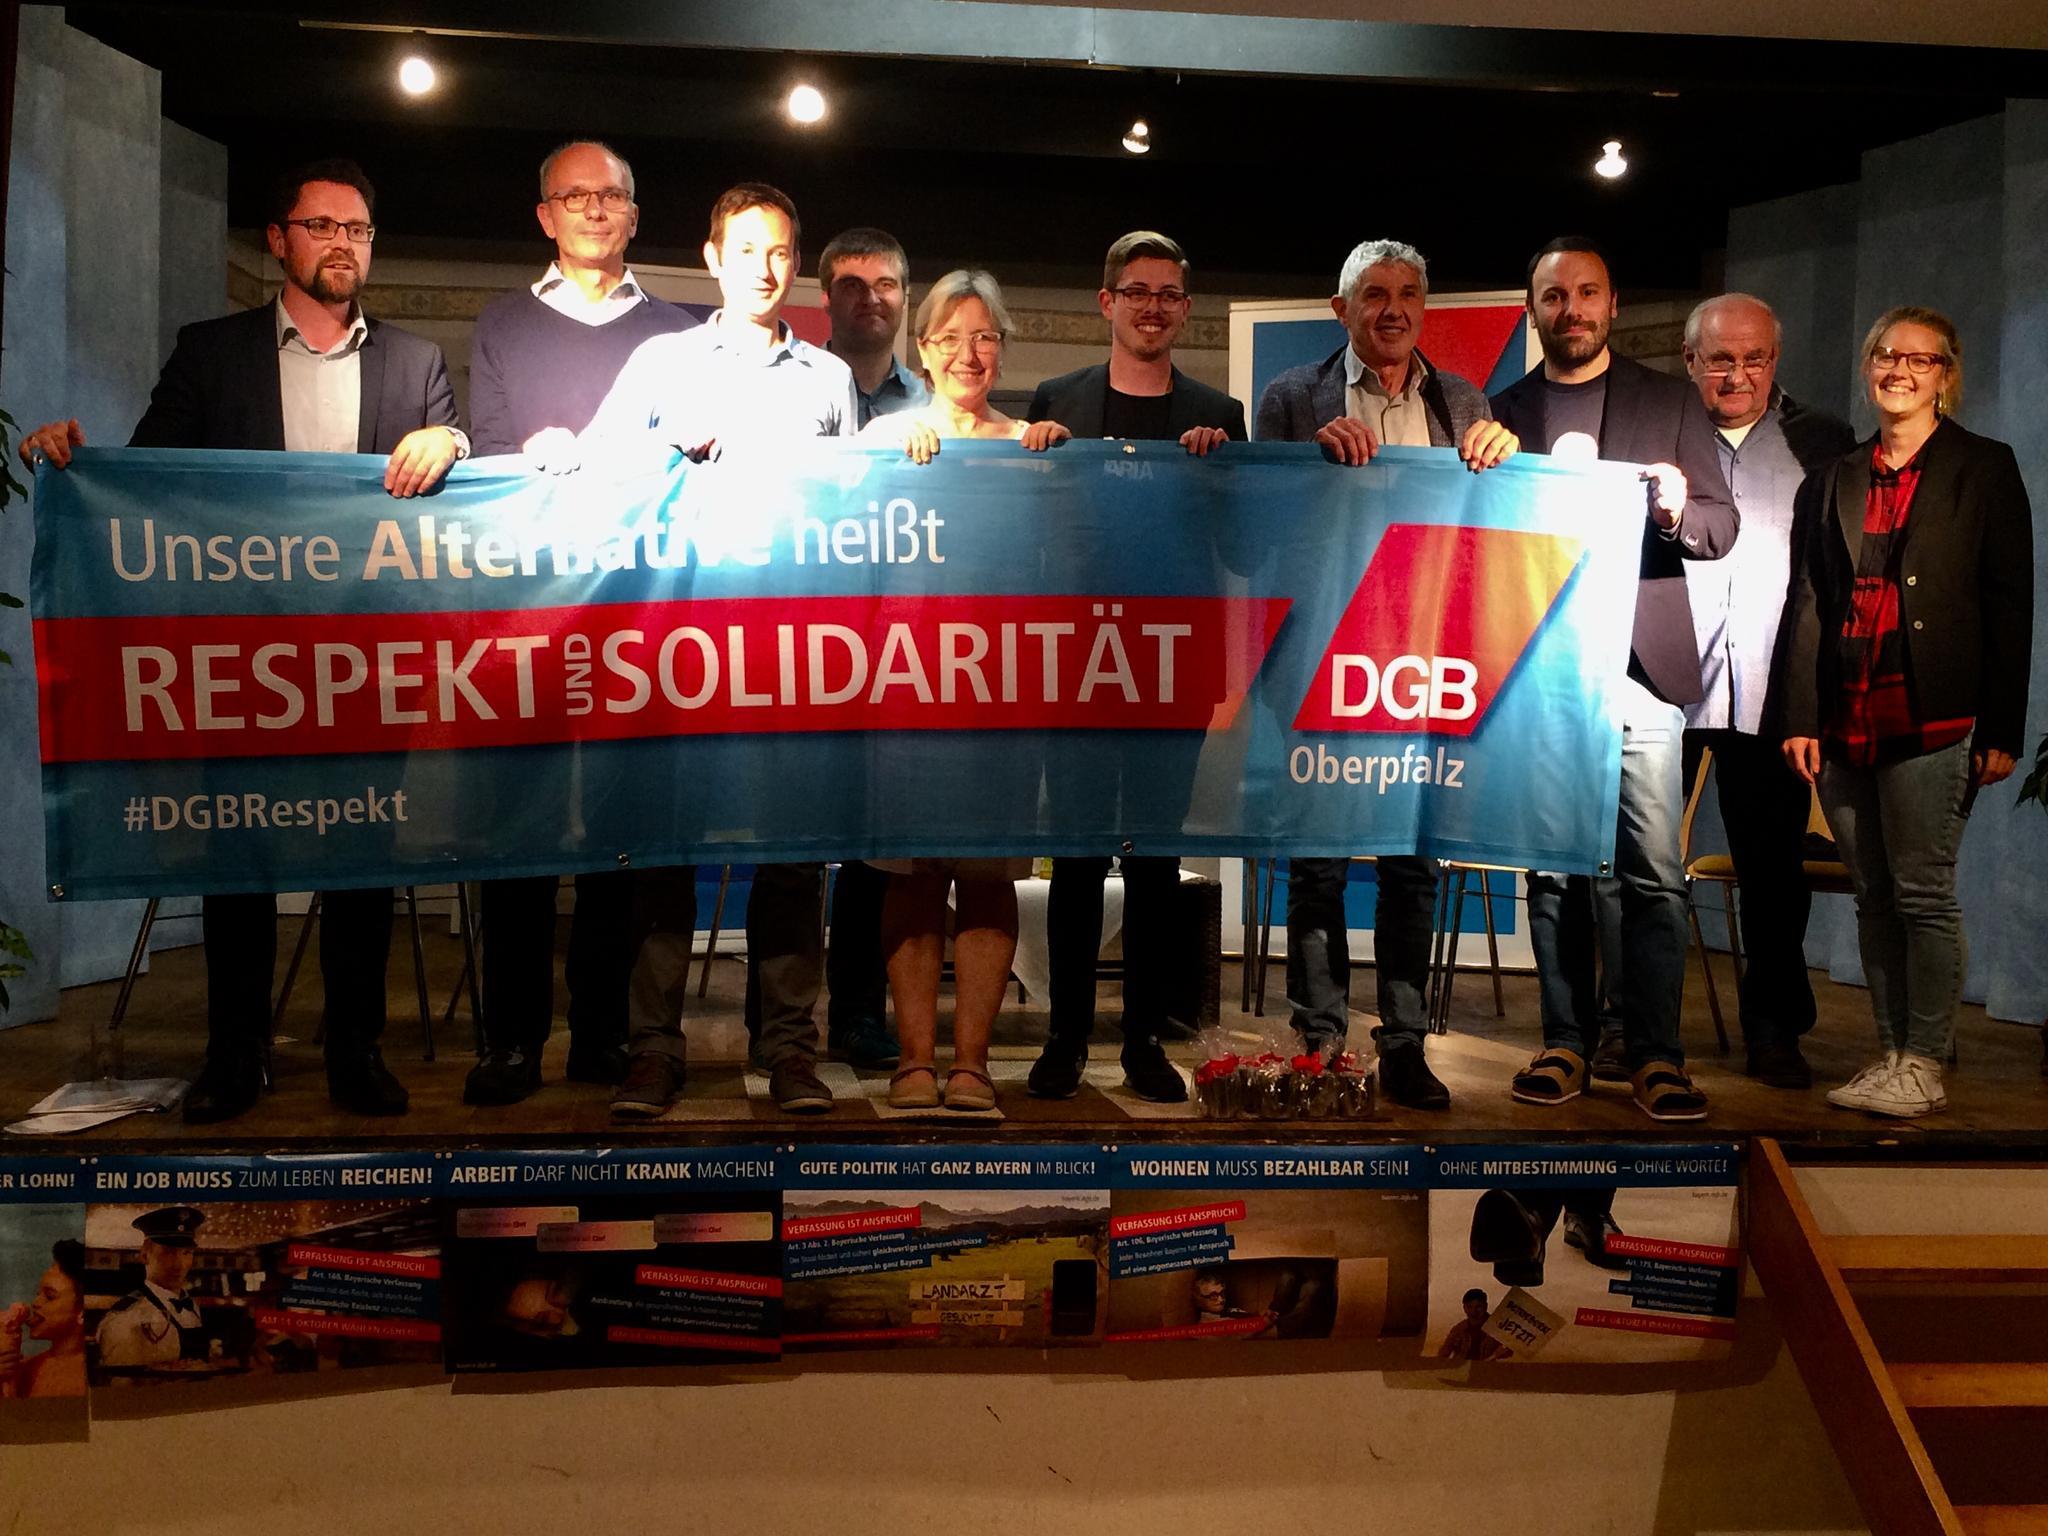 """Unsere Alternative heißt """"Respekt und Solidarität""""."""